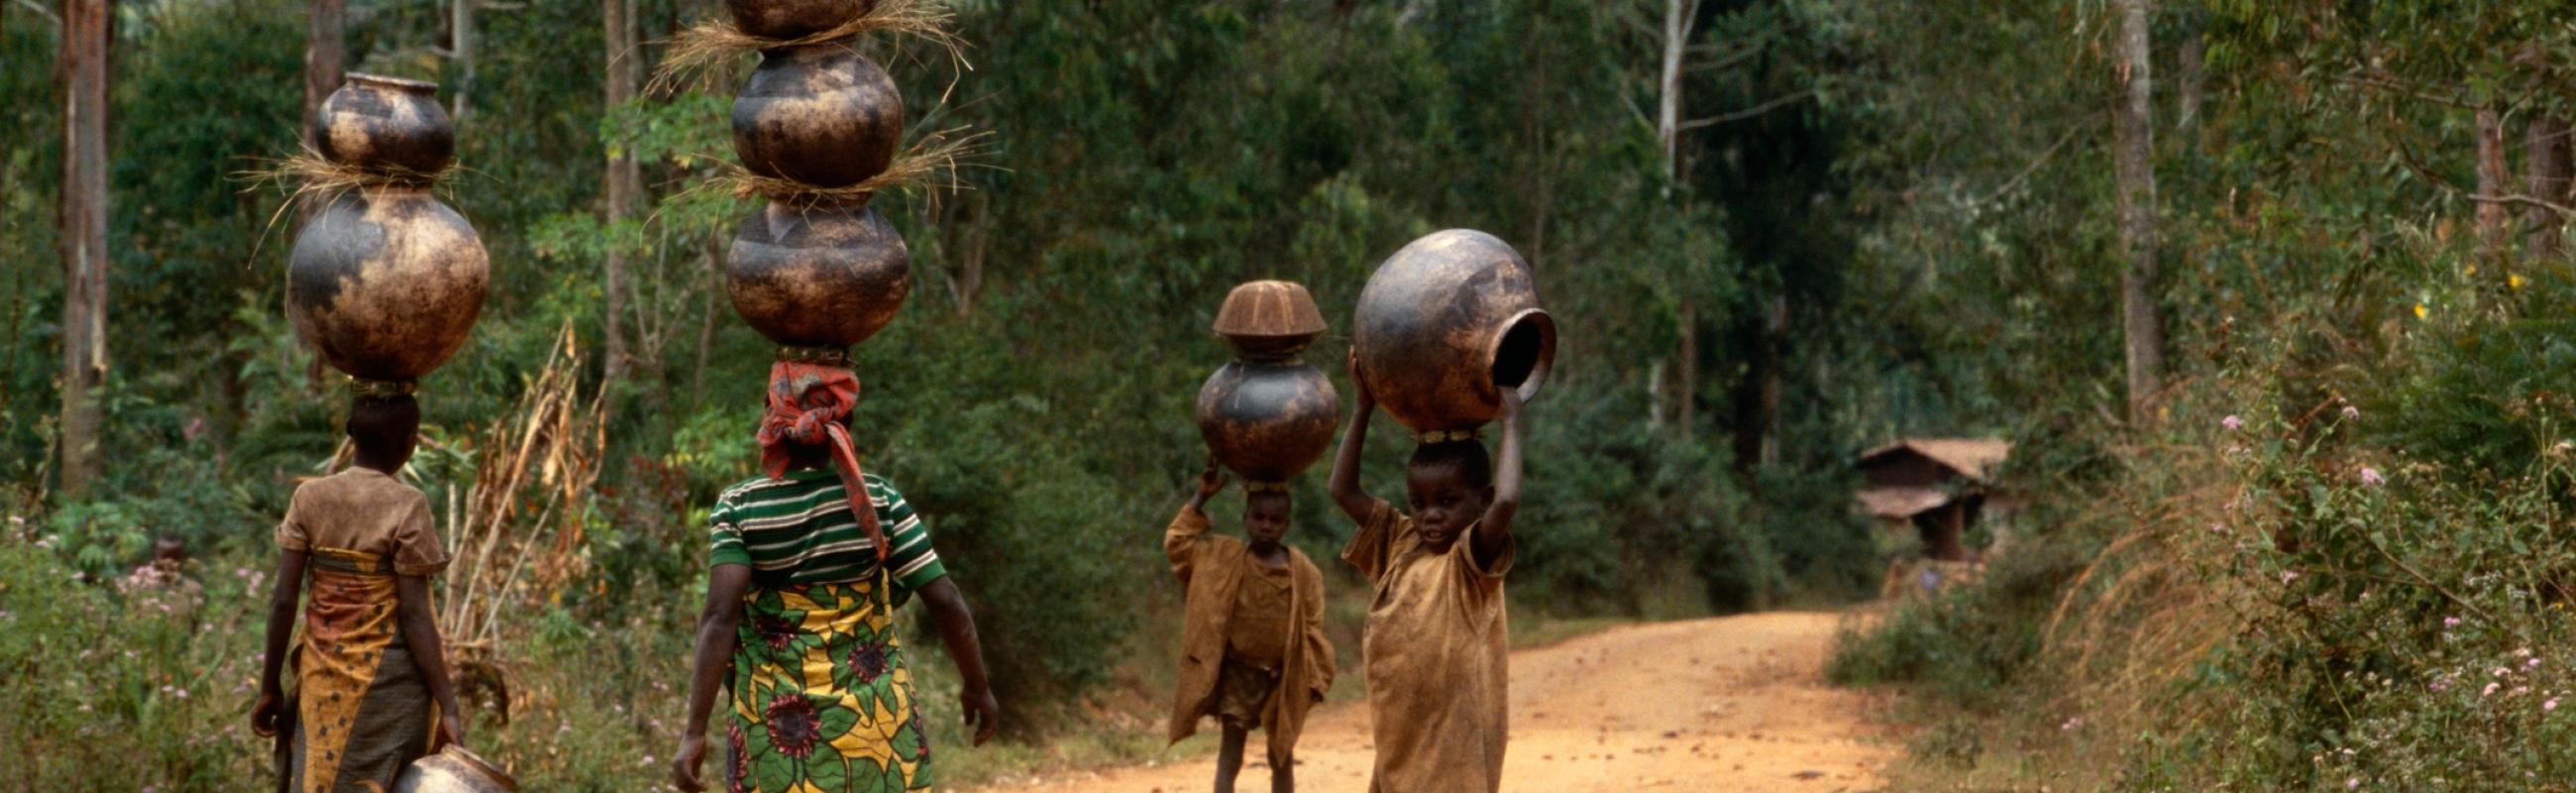 Burundi2